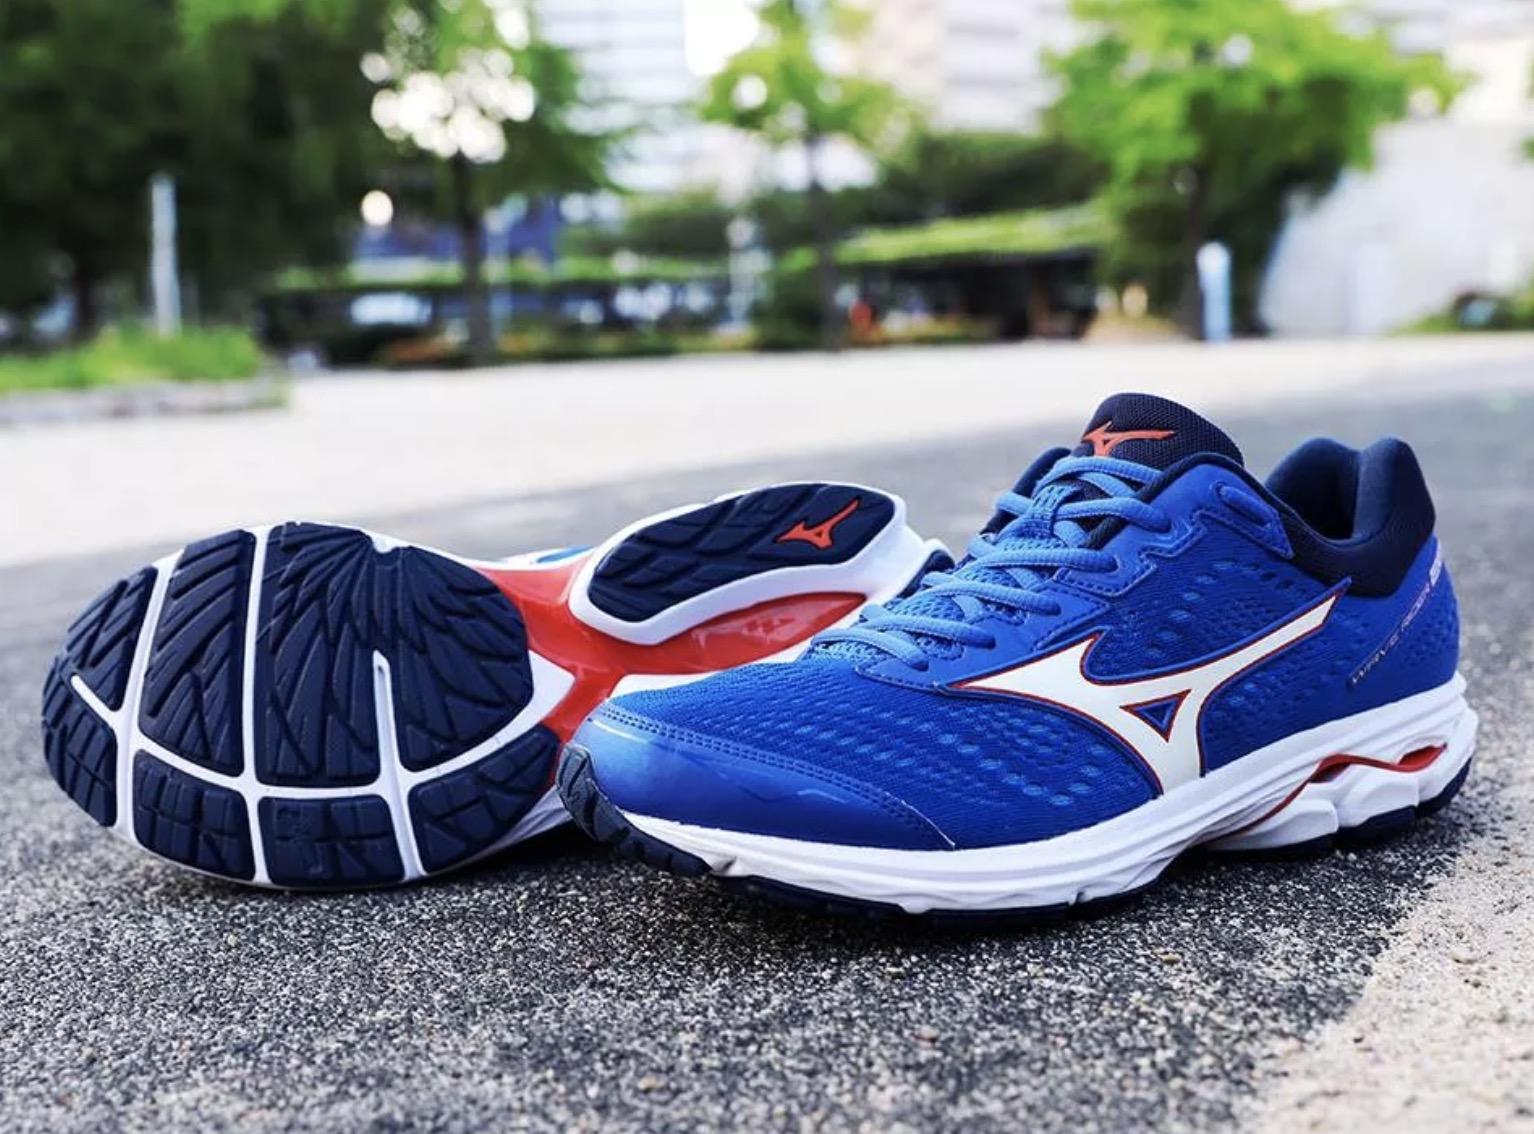 美津浓三季度营收和利润大幅下滑,跑步鞋销售陷入苦战